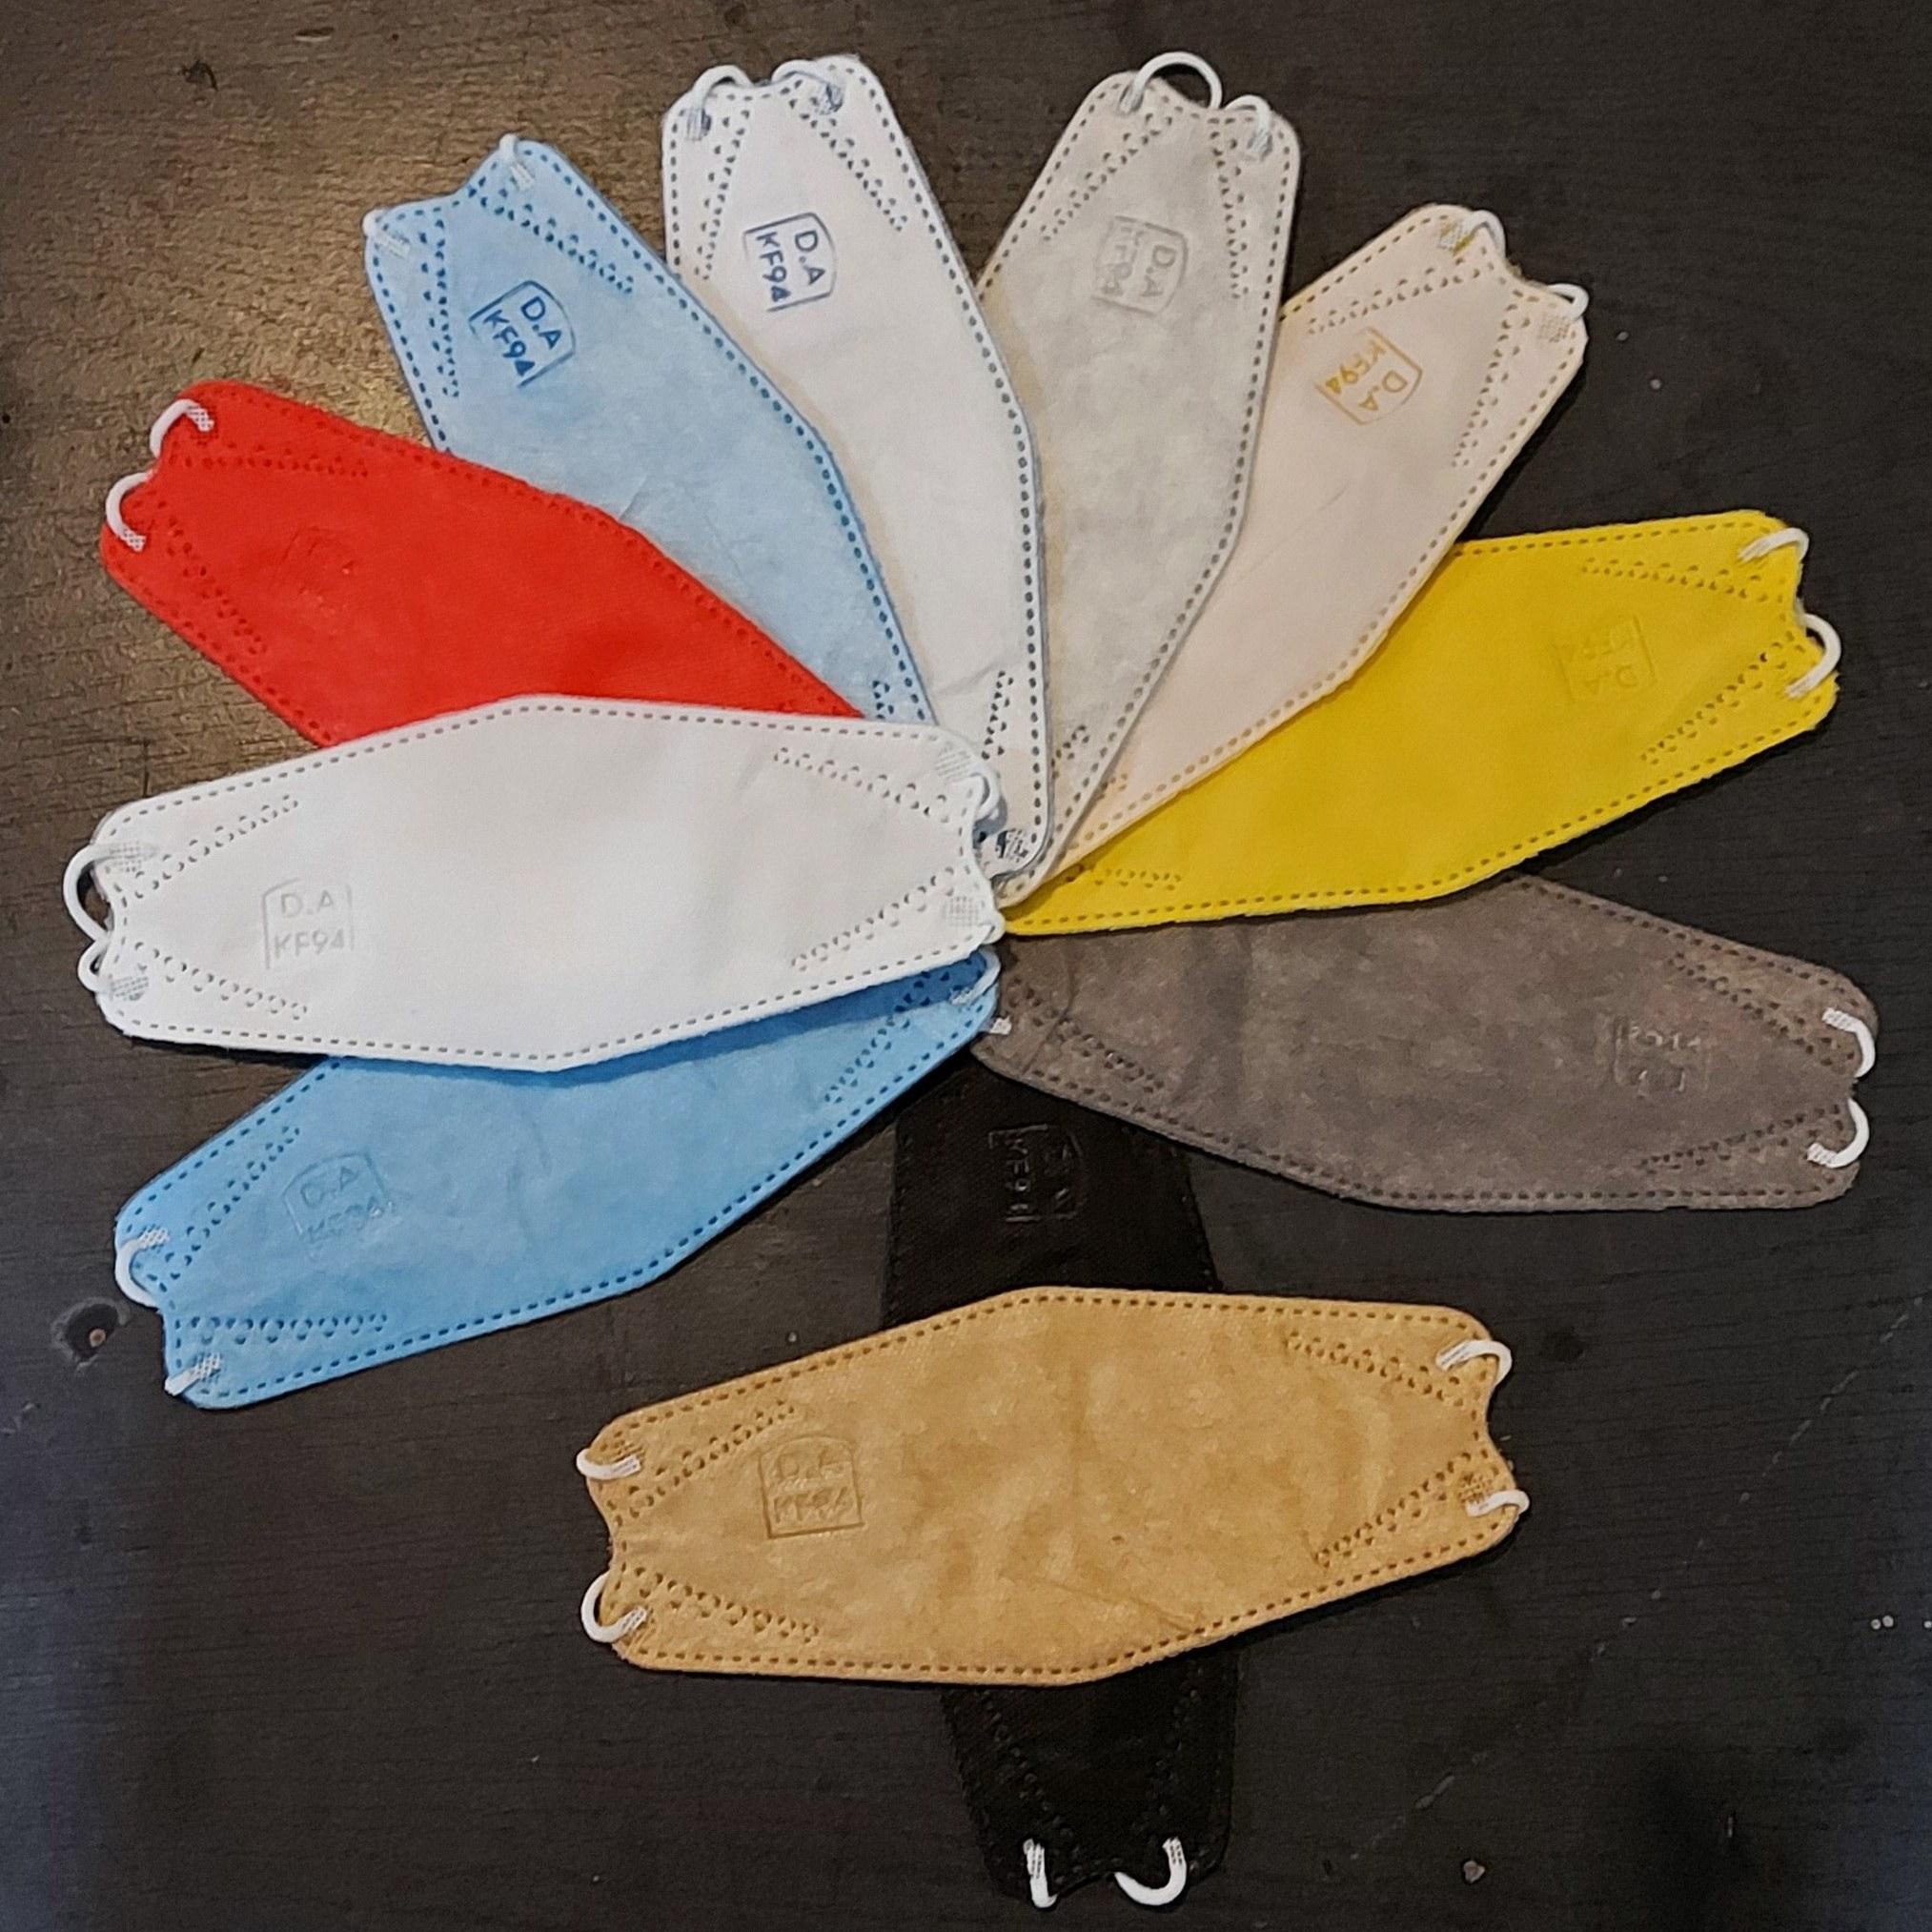 تصویر ماسک سه بعدی 4 لایه KF94 بسته 25 عددی